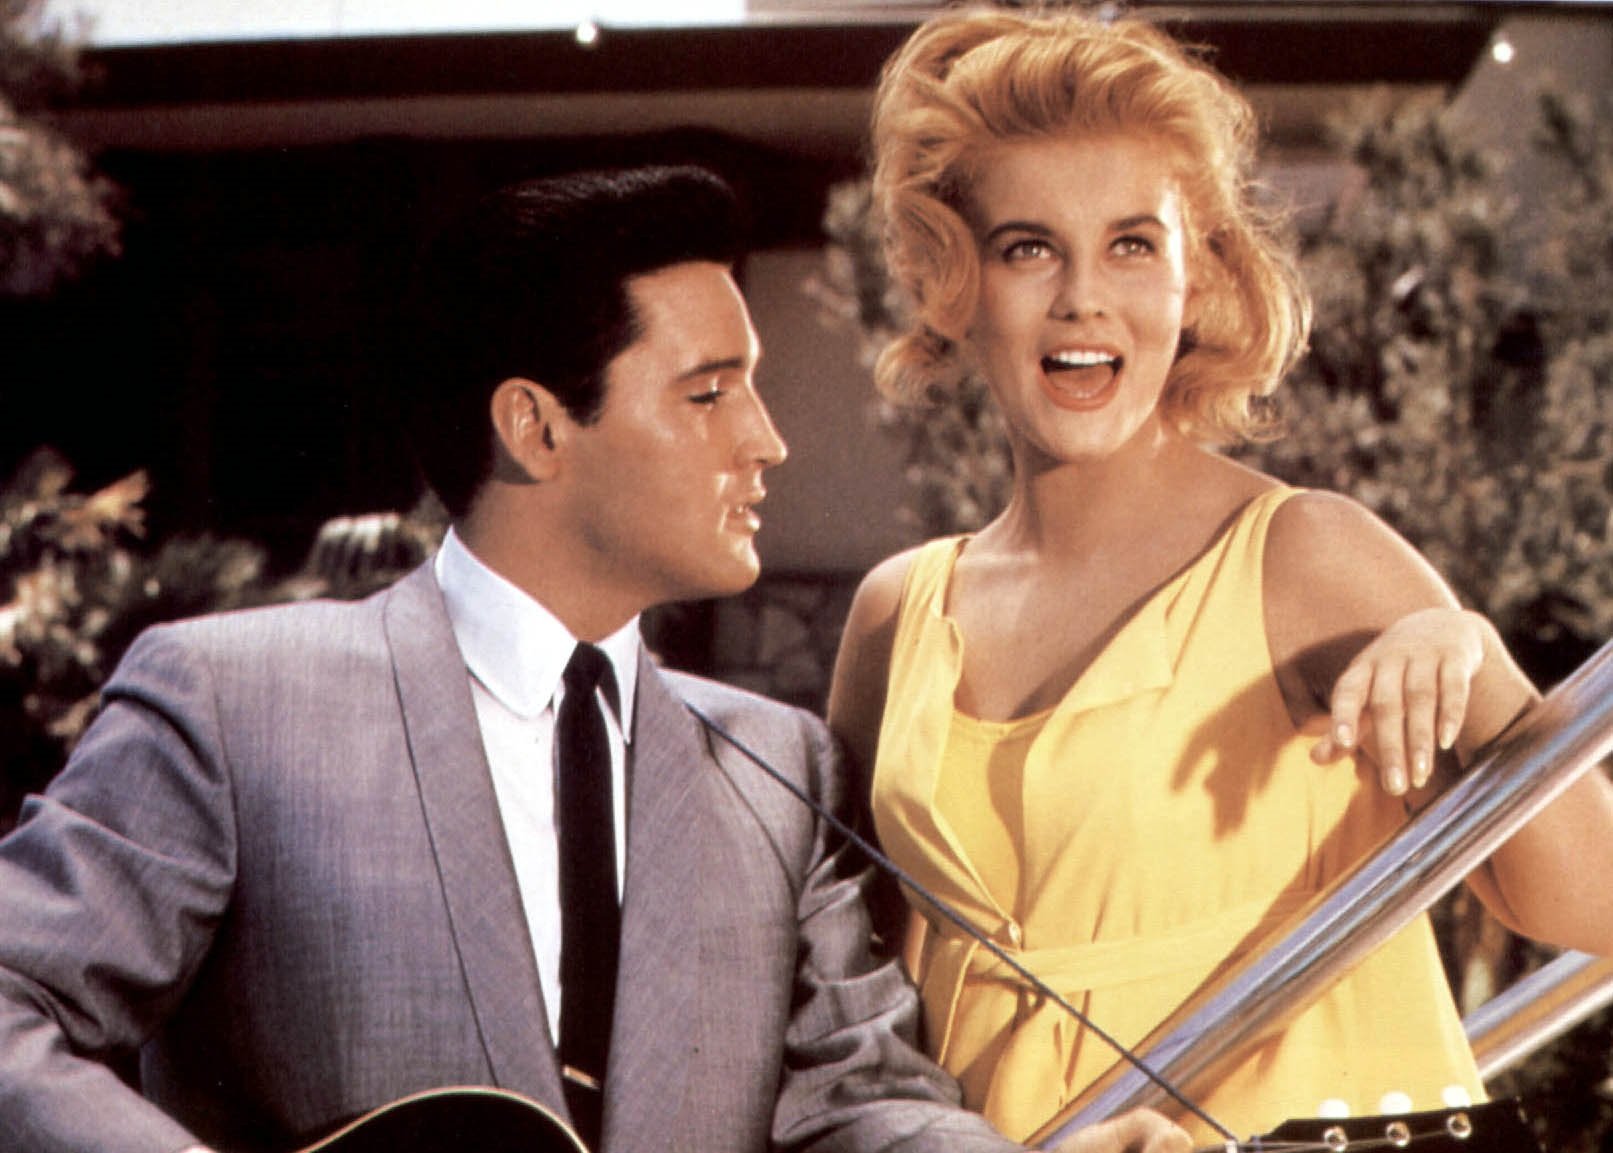 Elvis Presley and Ann-Margret in 'Viva Las Vegas'